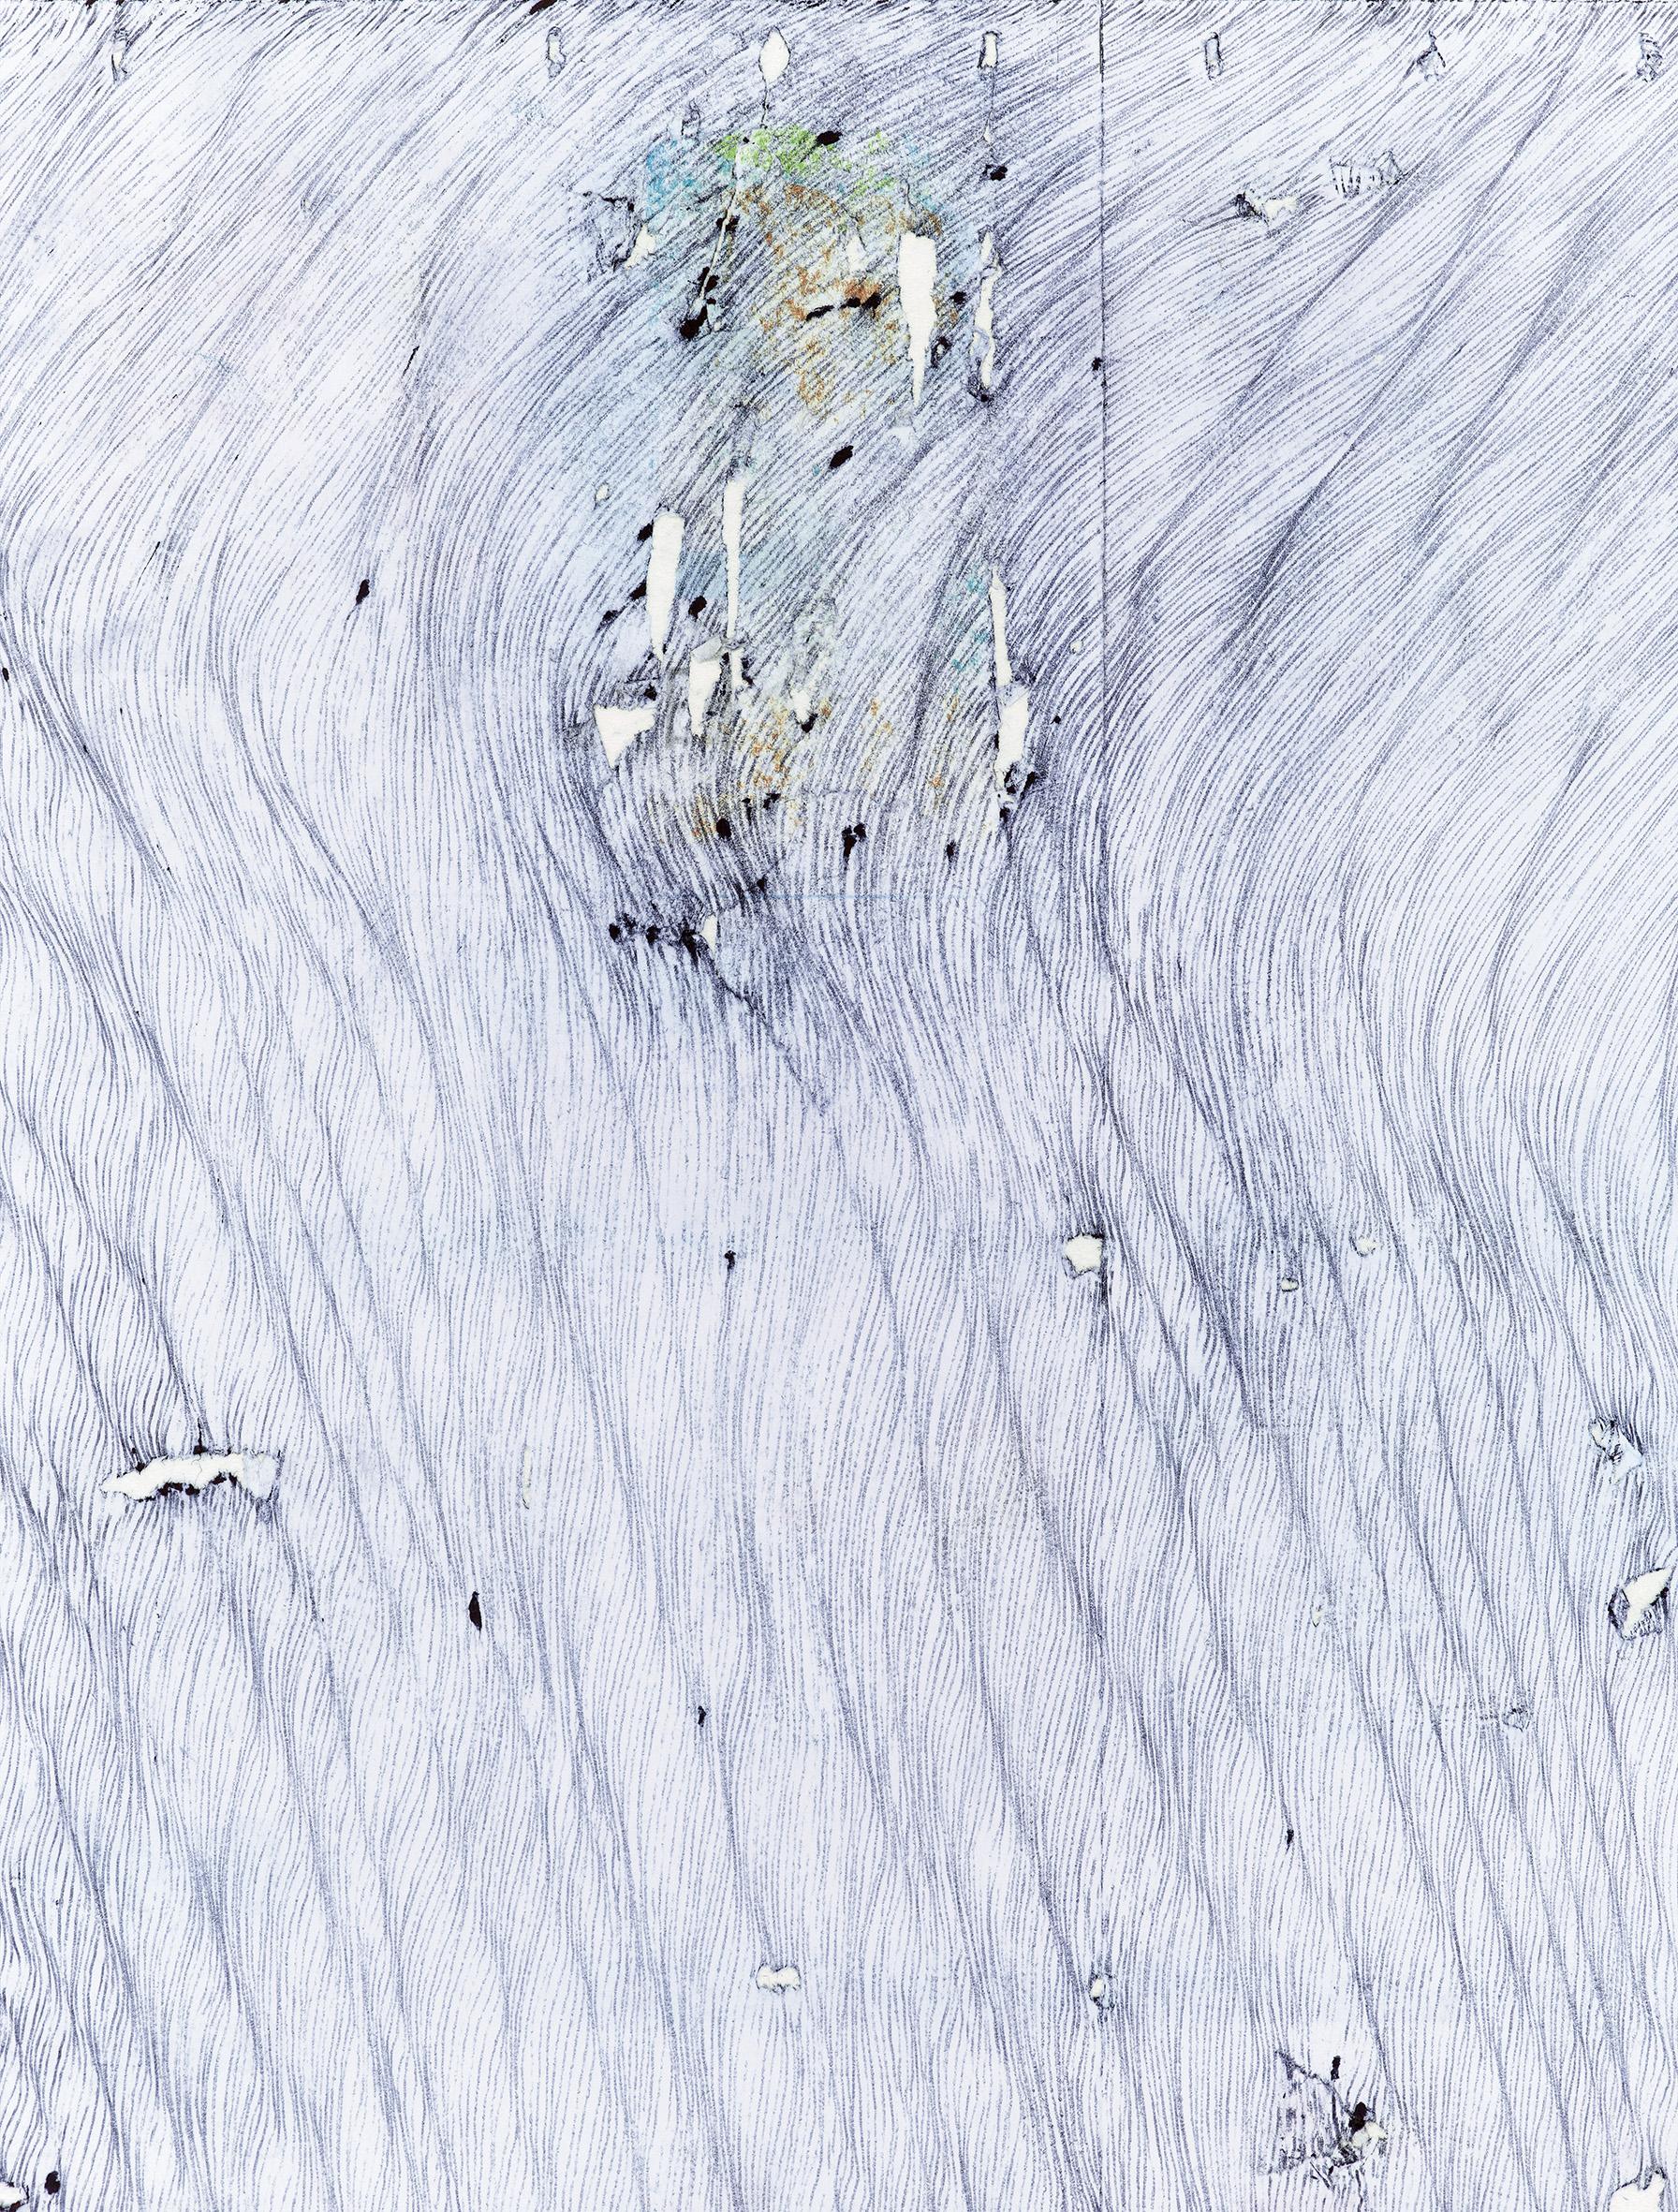 117b-a-rhythm-of-landscape-5-detail-1